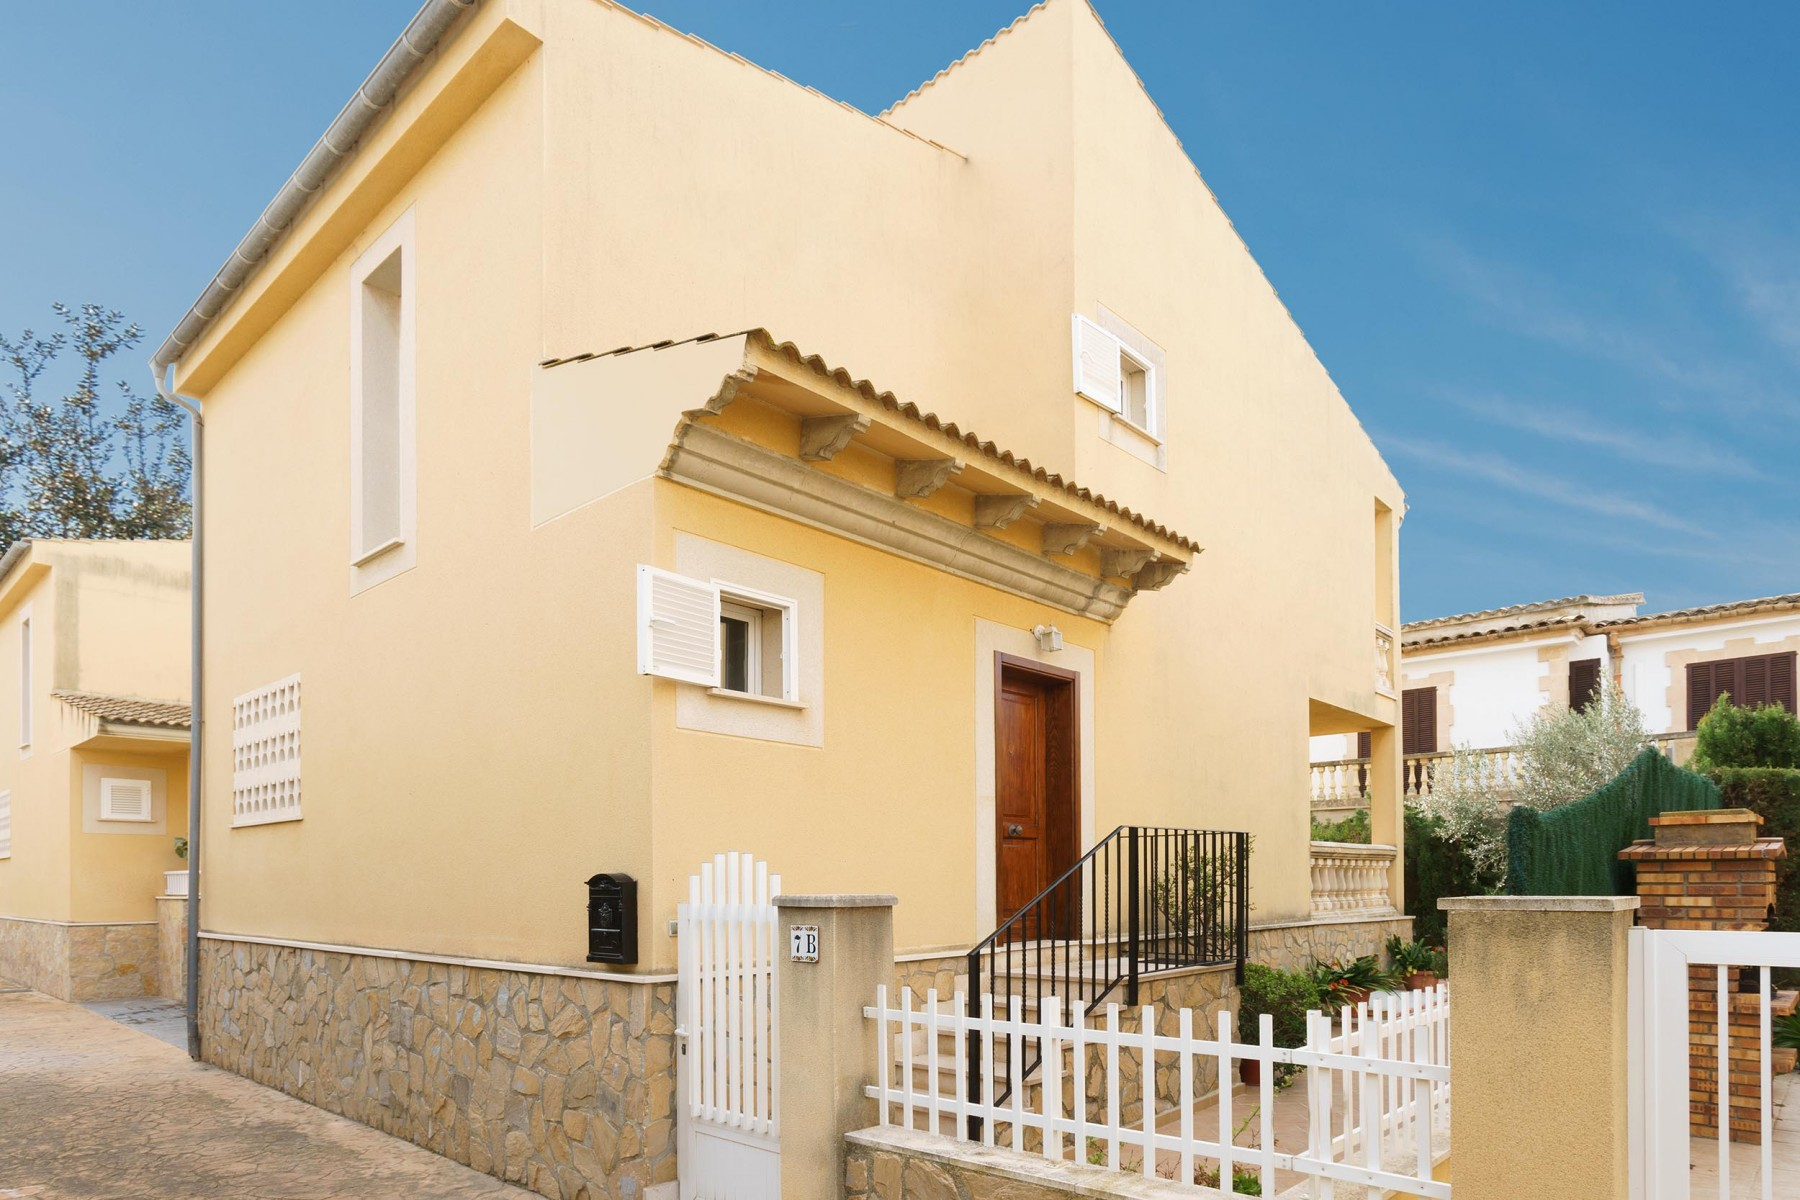 Casas en Alcúdia - C. Marcos